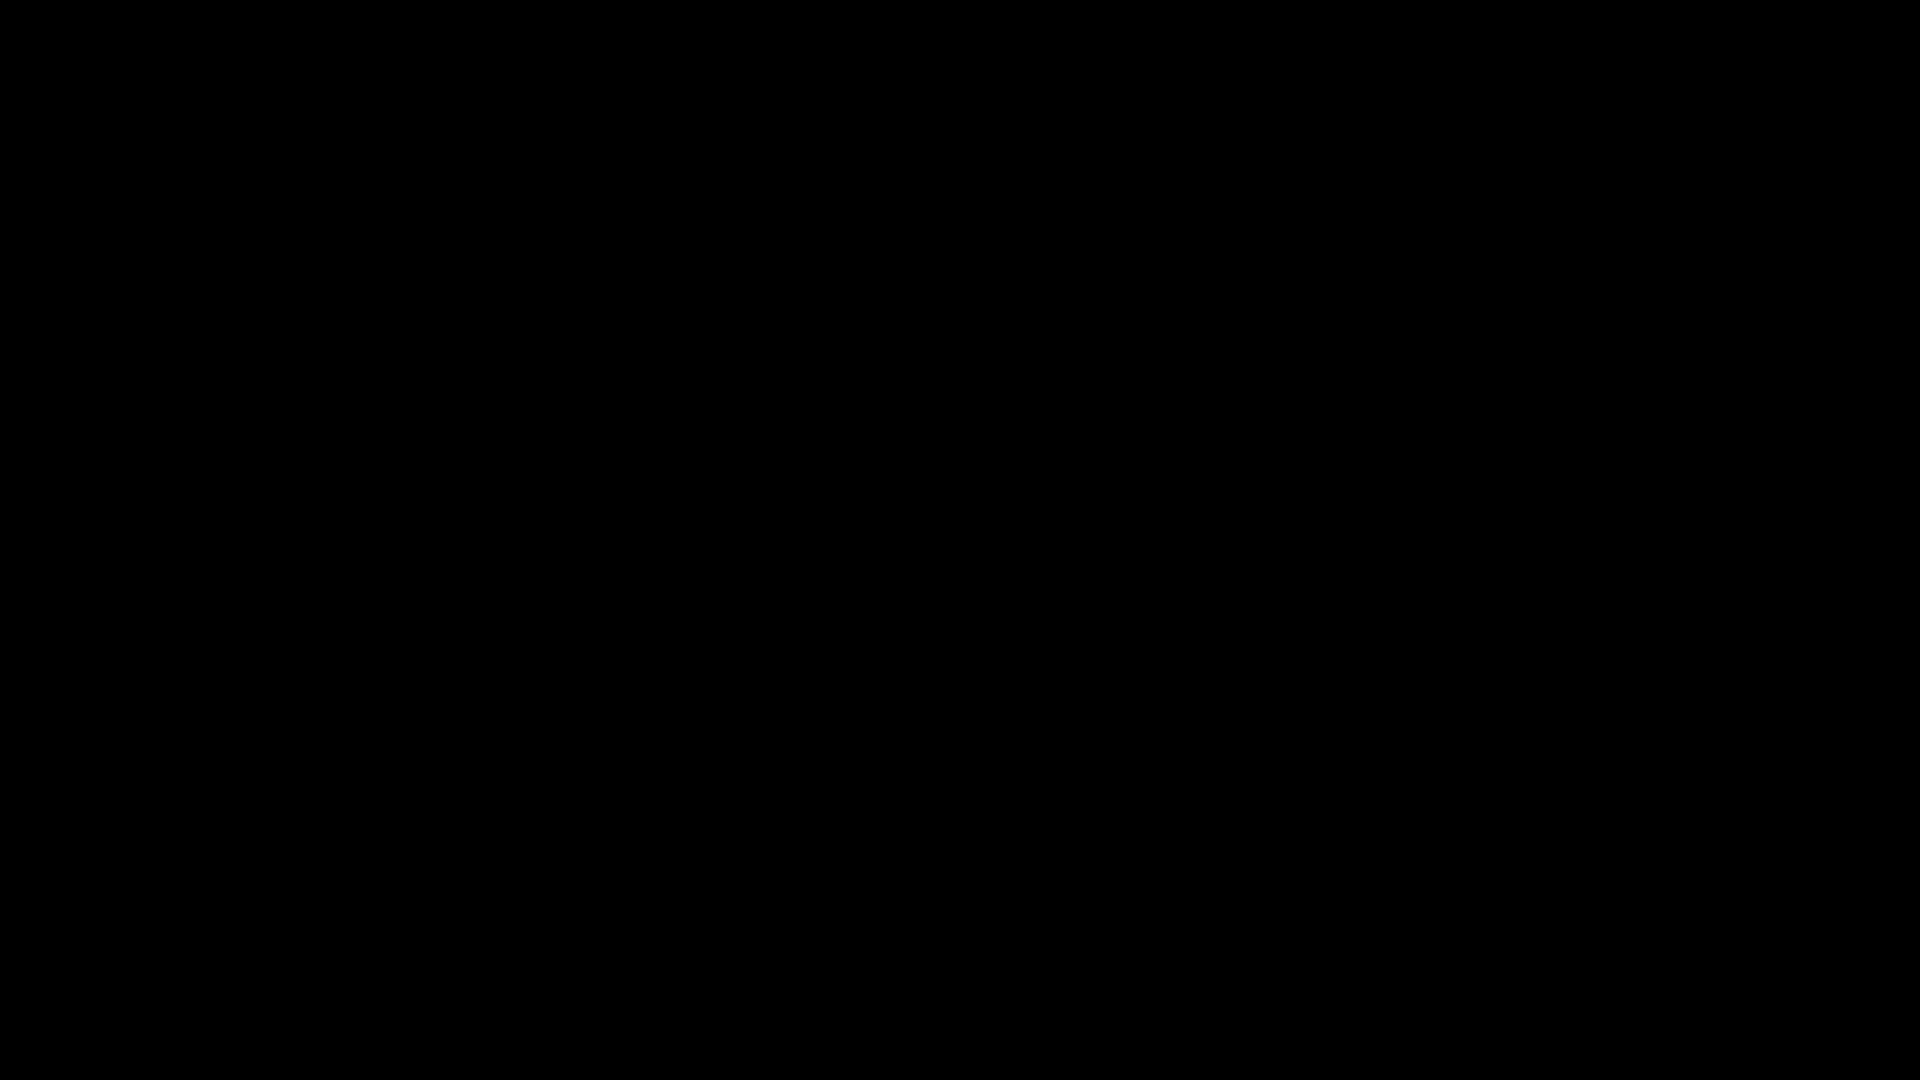 イケメン厳選!マッチョなスポーツマン全員集合!Vol.03 オナニー   マッチョボディ アダルトビデオ画像キャプチャ 57pic 17